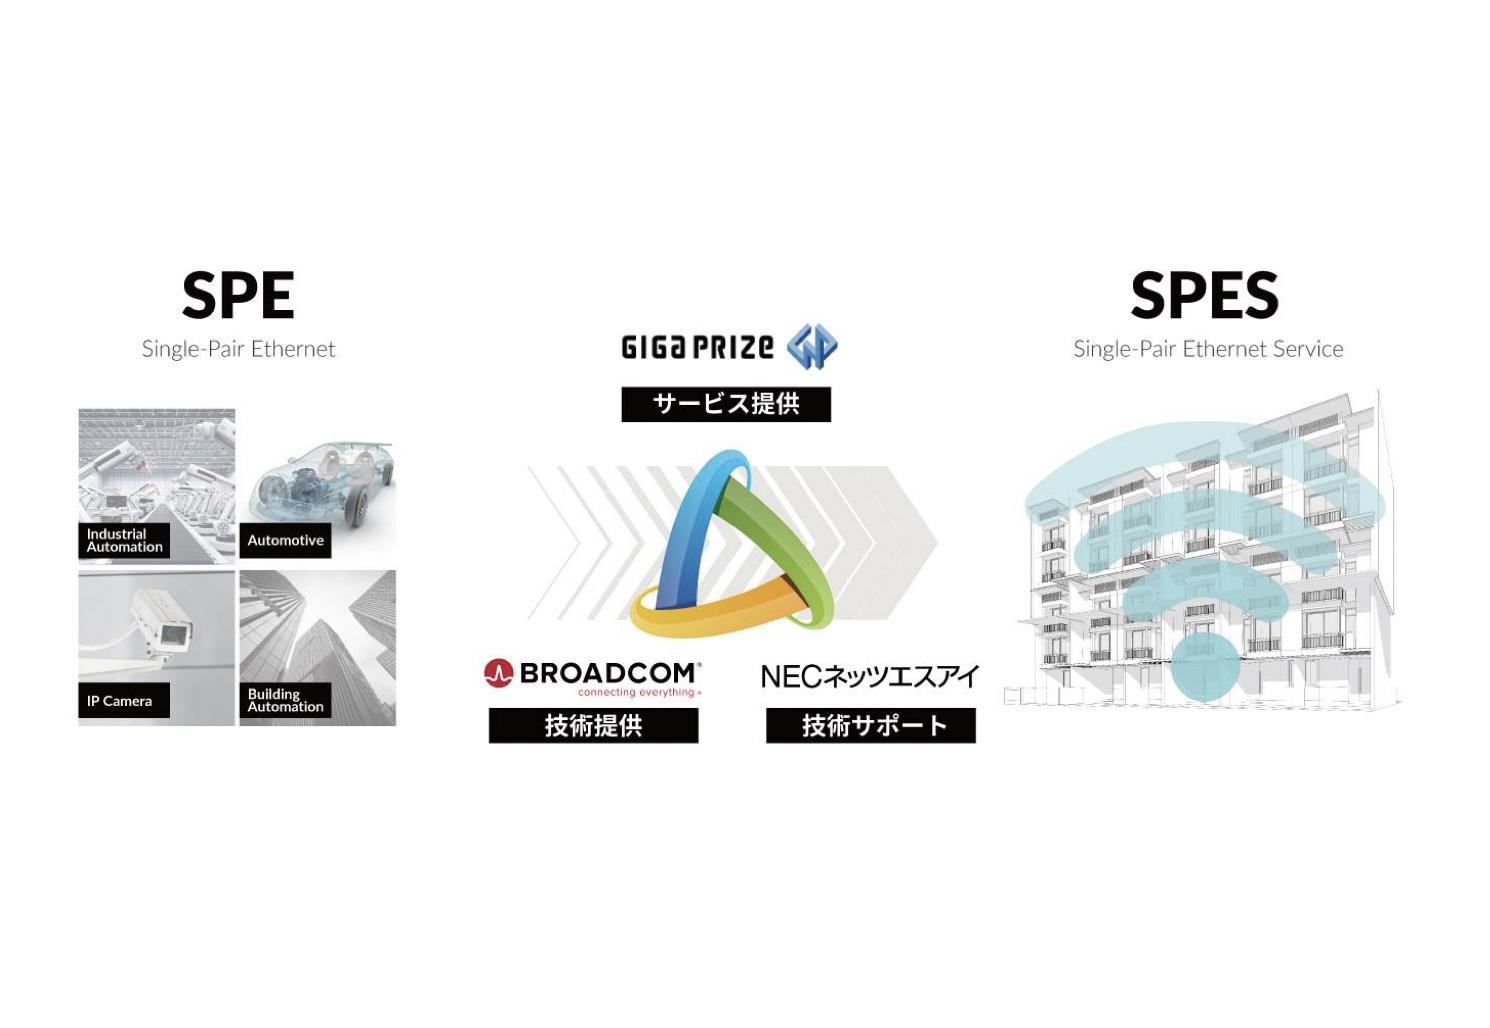 ギガプライズ×NECネッツエスアイ×Broadcom|世界初集合住宅向けISP新サービス「SPES」を開発